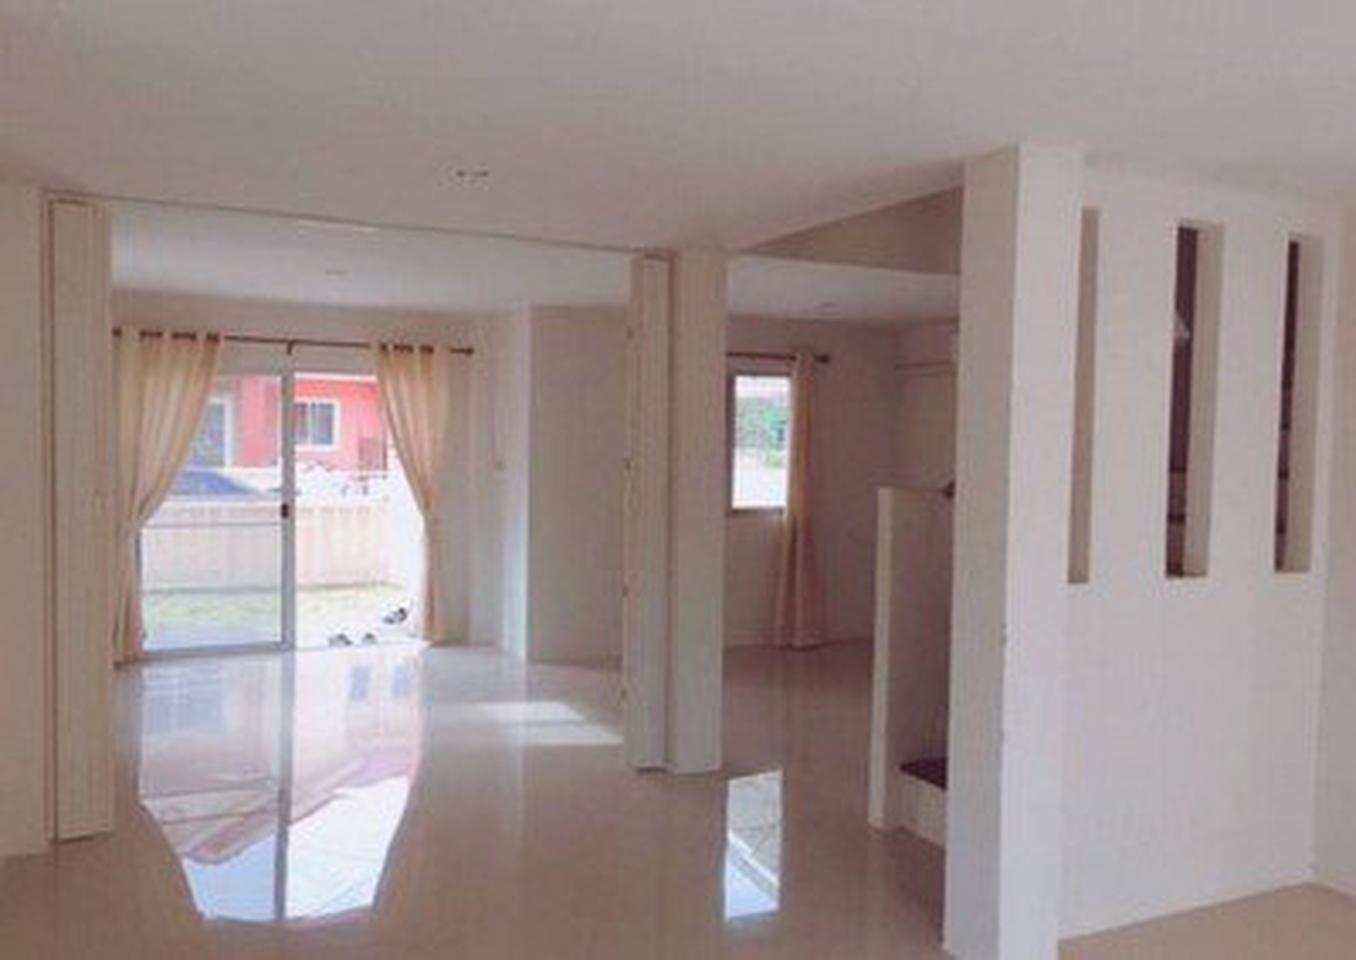 ขาย บ้านใหม่ 2 ชั้น หมู่บ้านสิวารัตน์ 9  รูปที่ 4